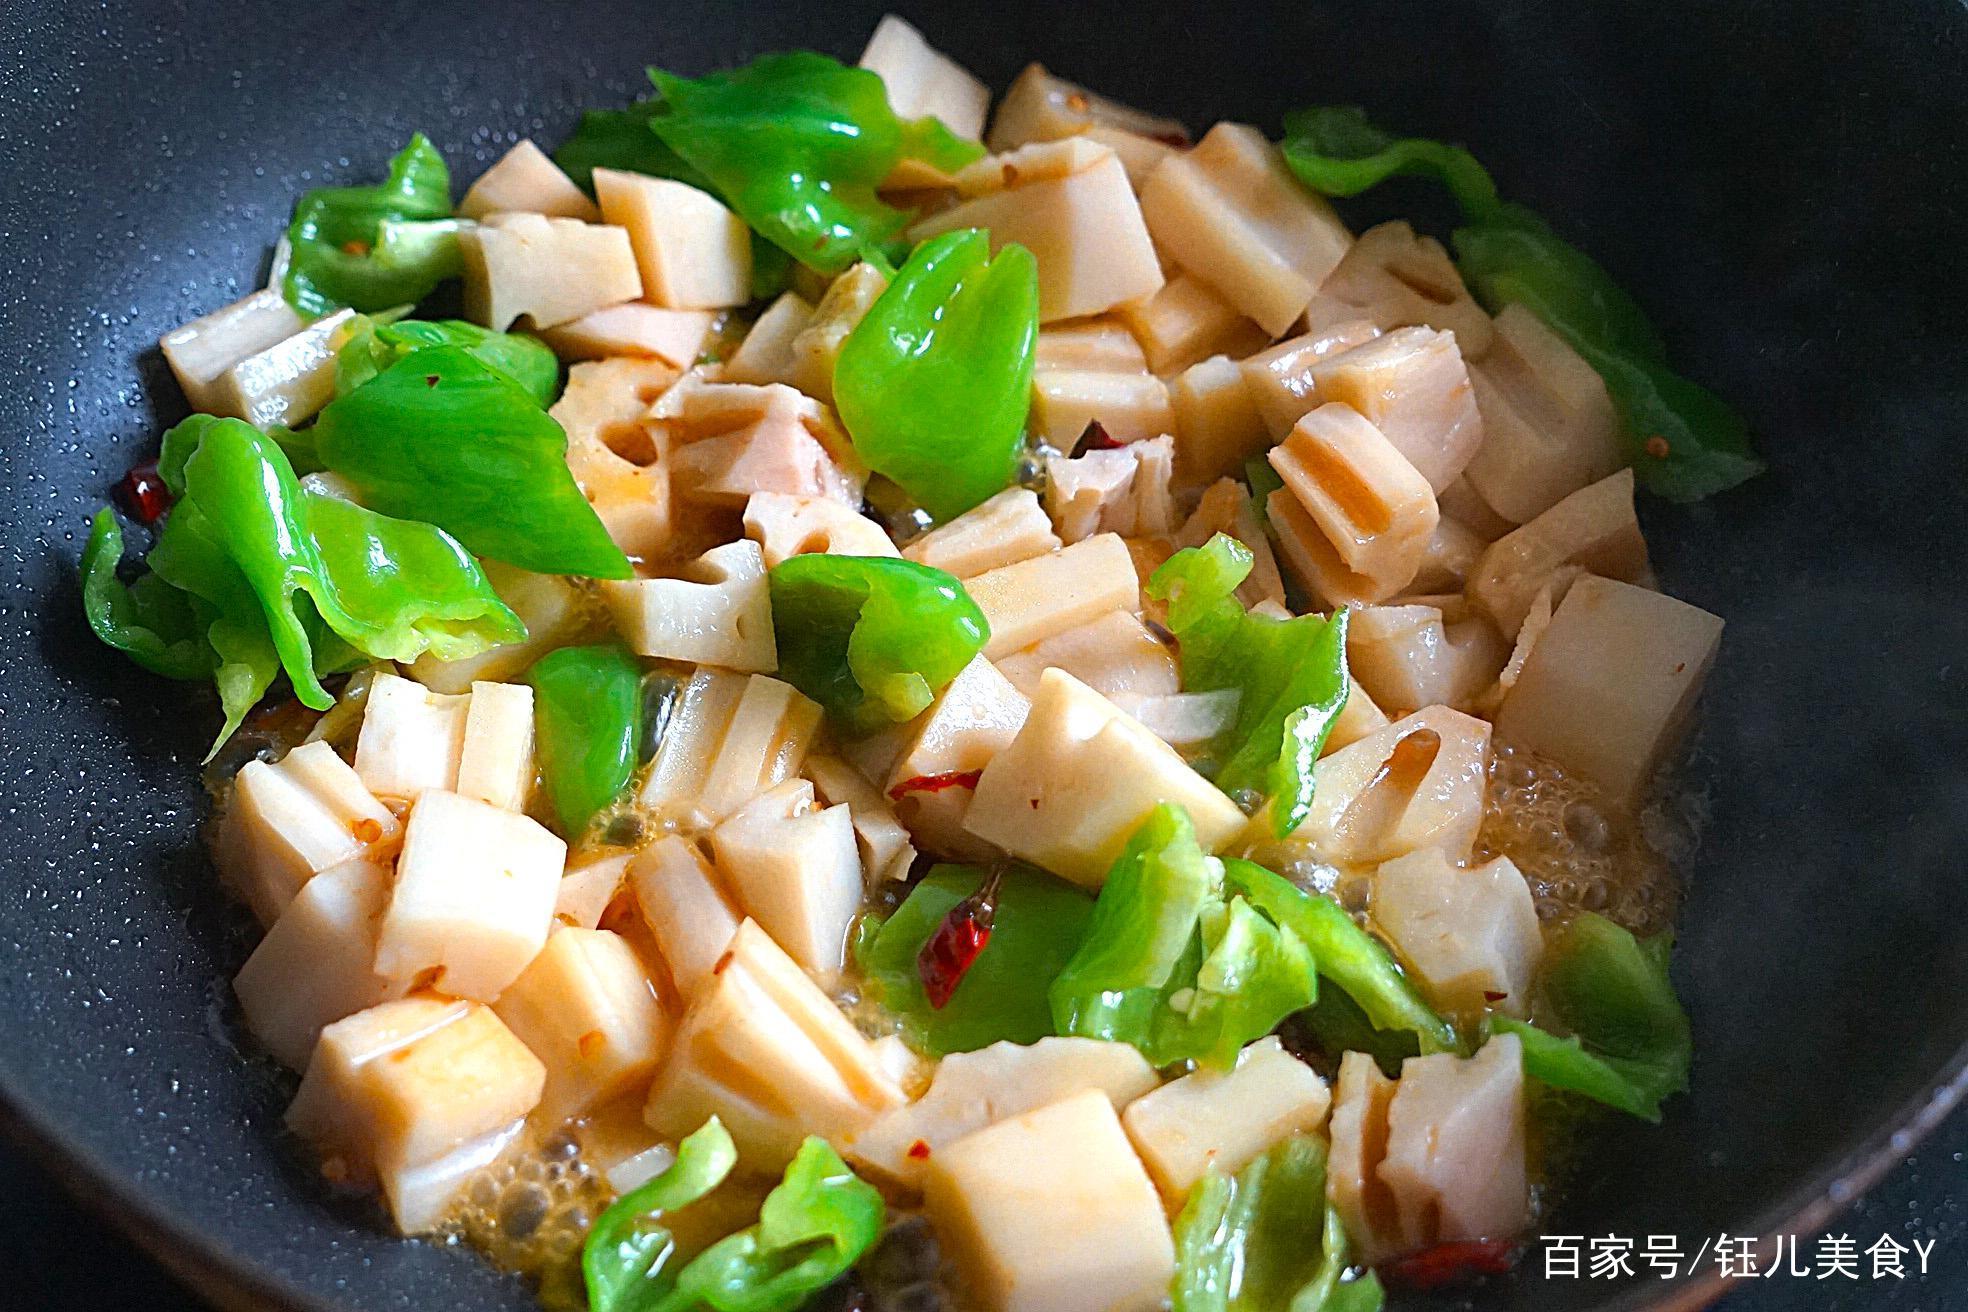 大厨教你这样炒藕,做法简单,爽脆又解馋还不油腻,过年吃正合适